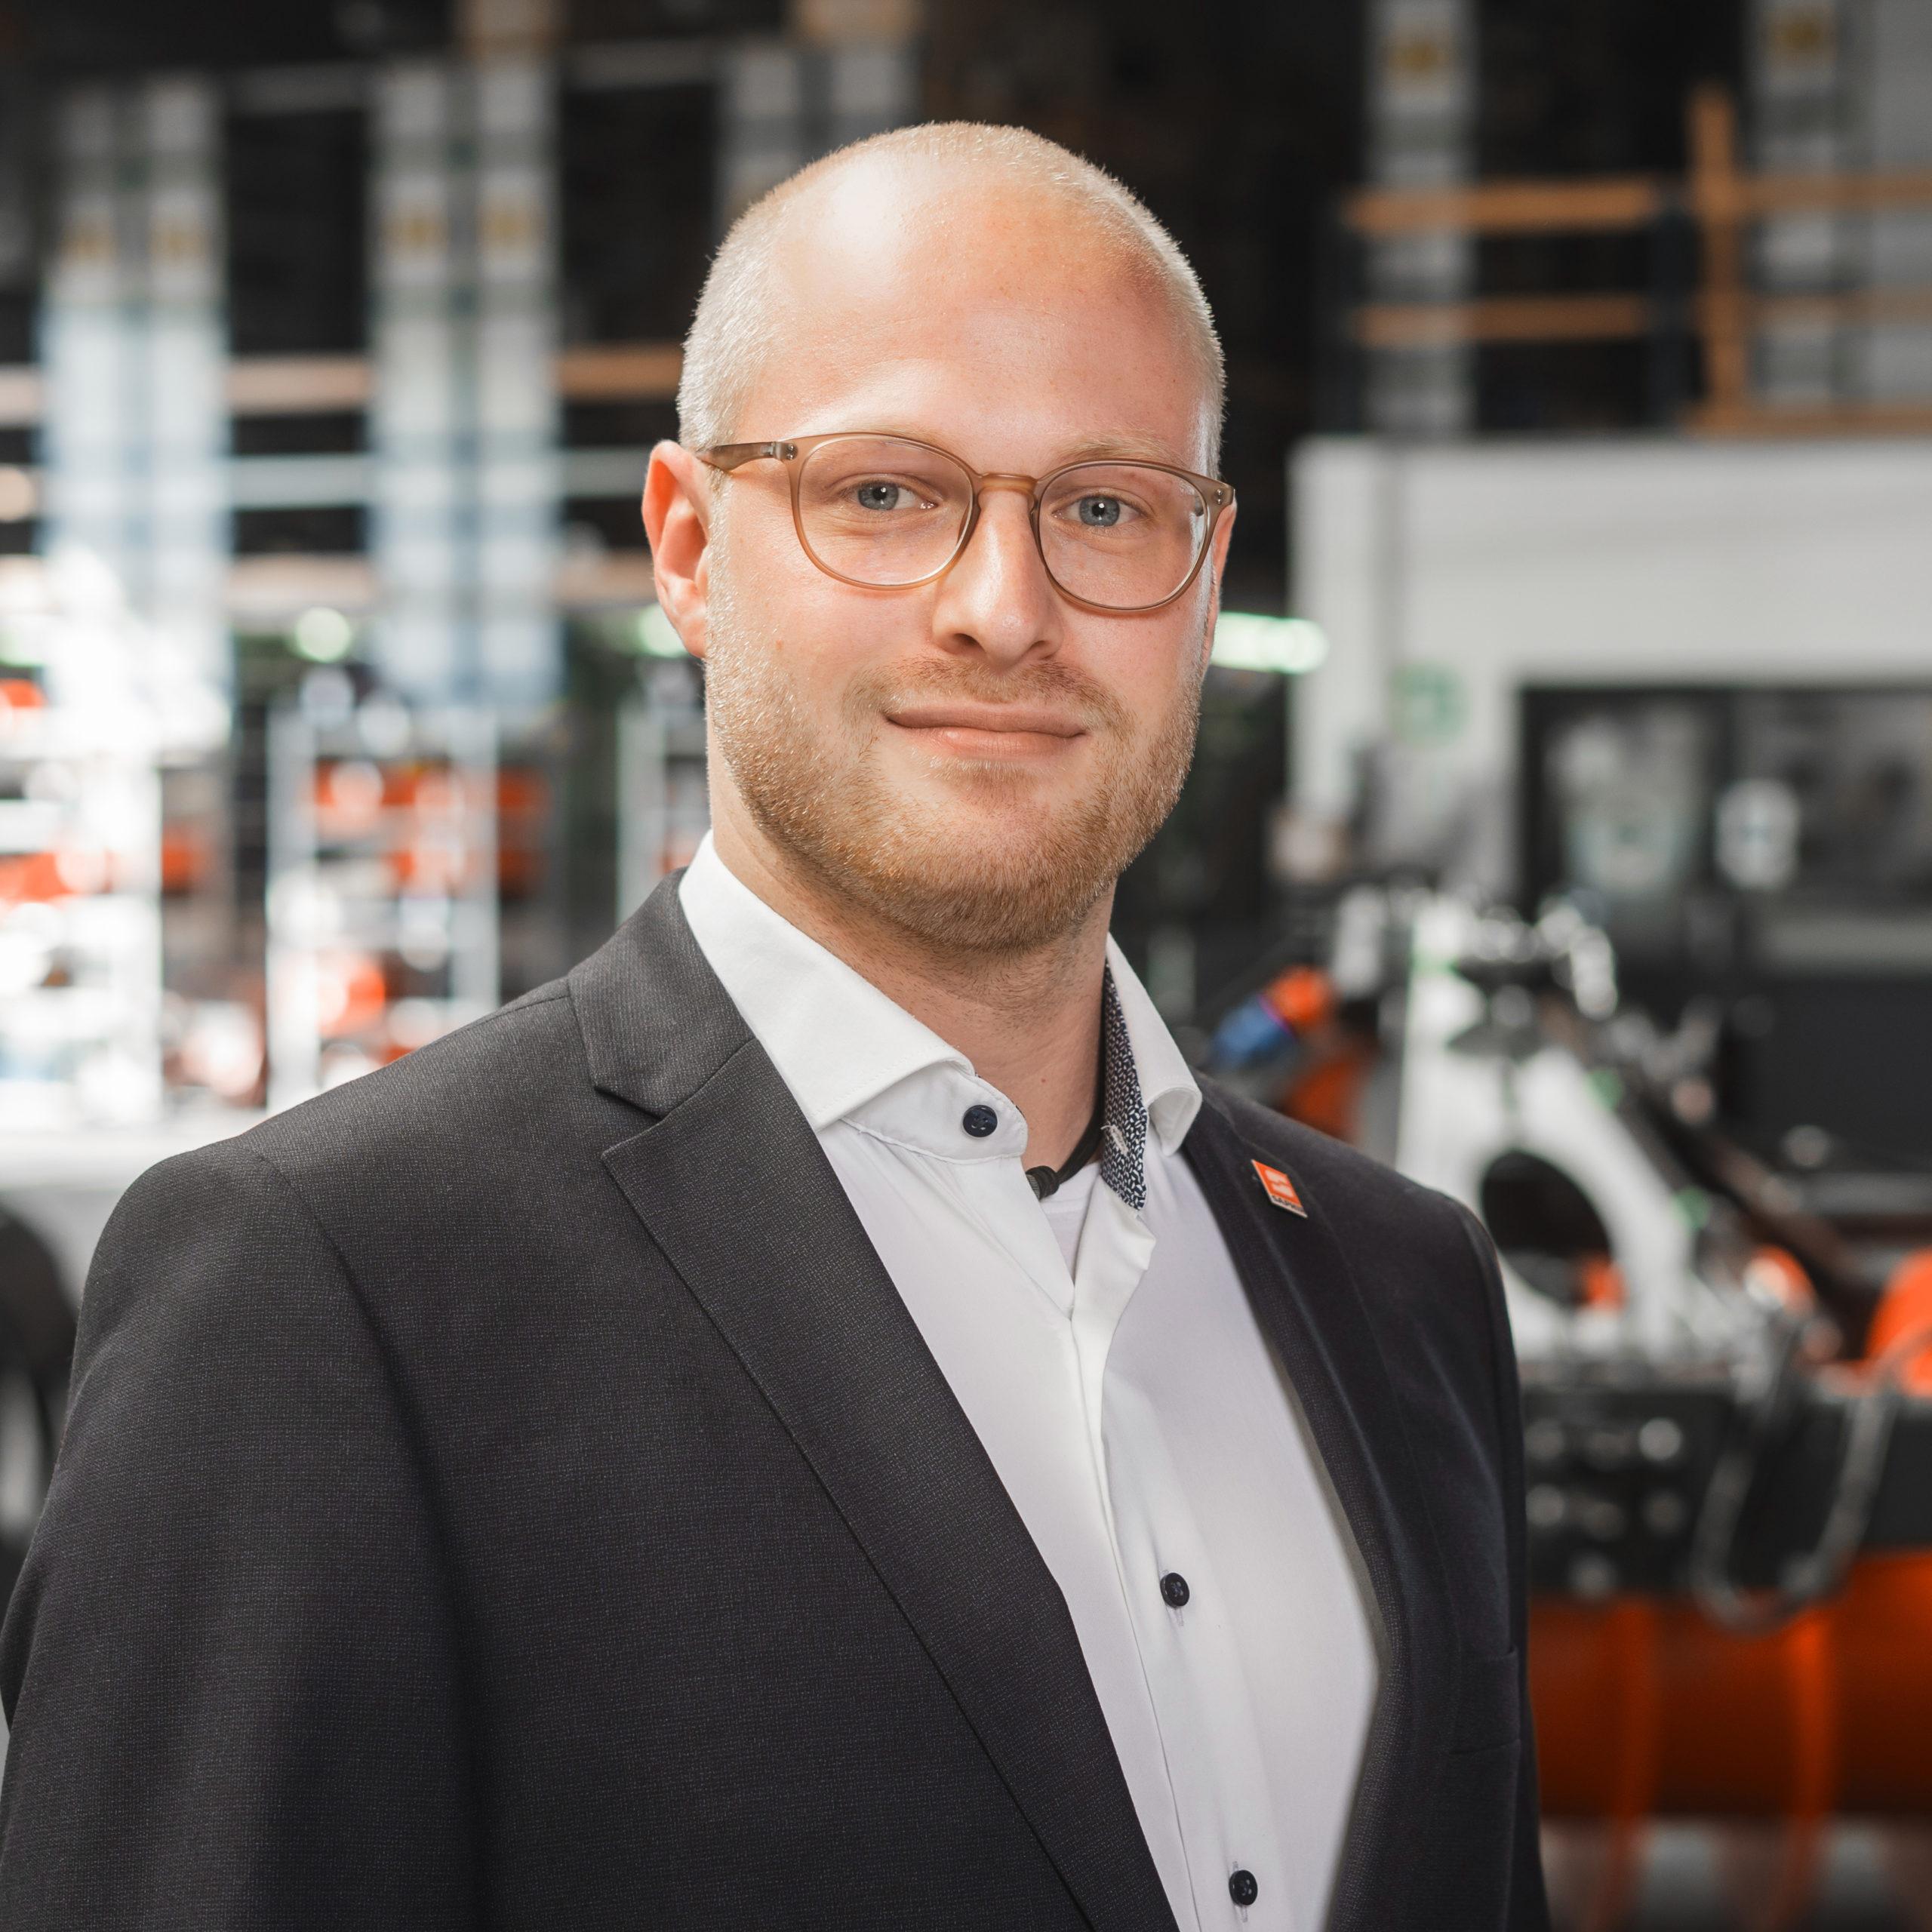 Lars Wesch